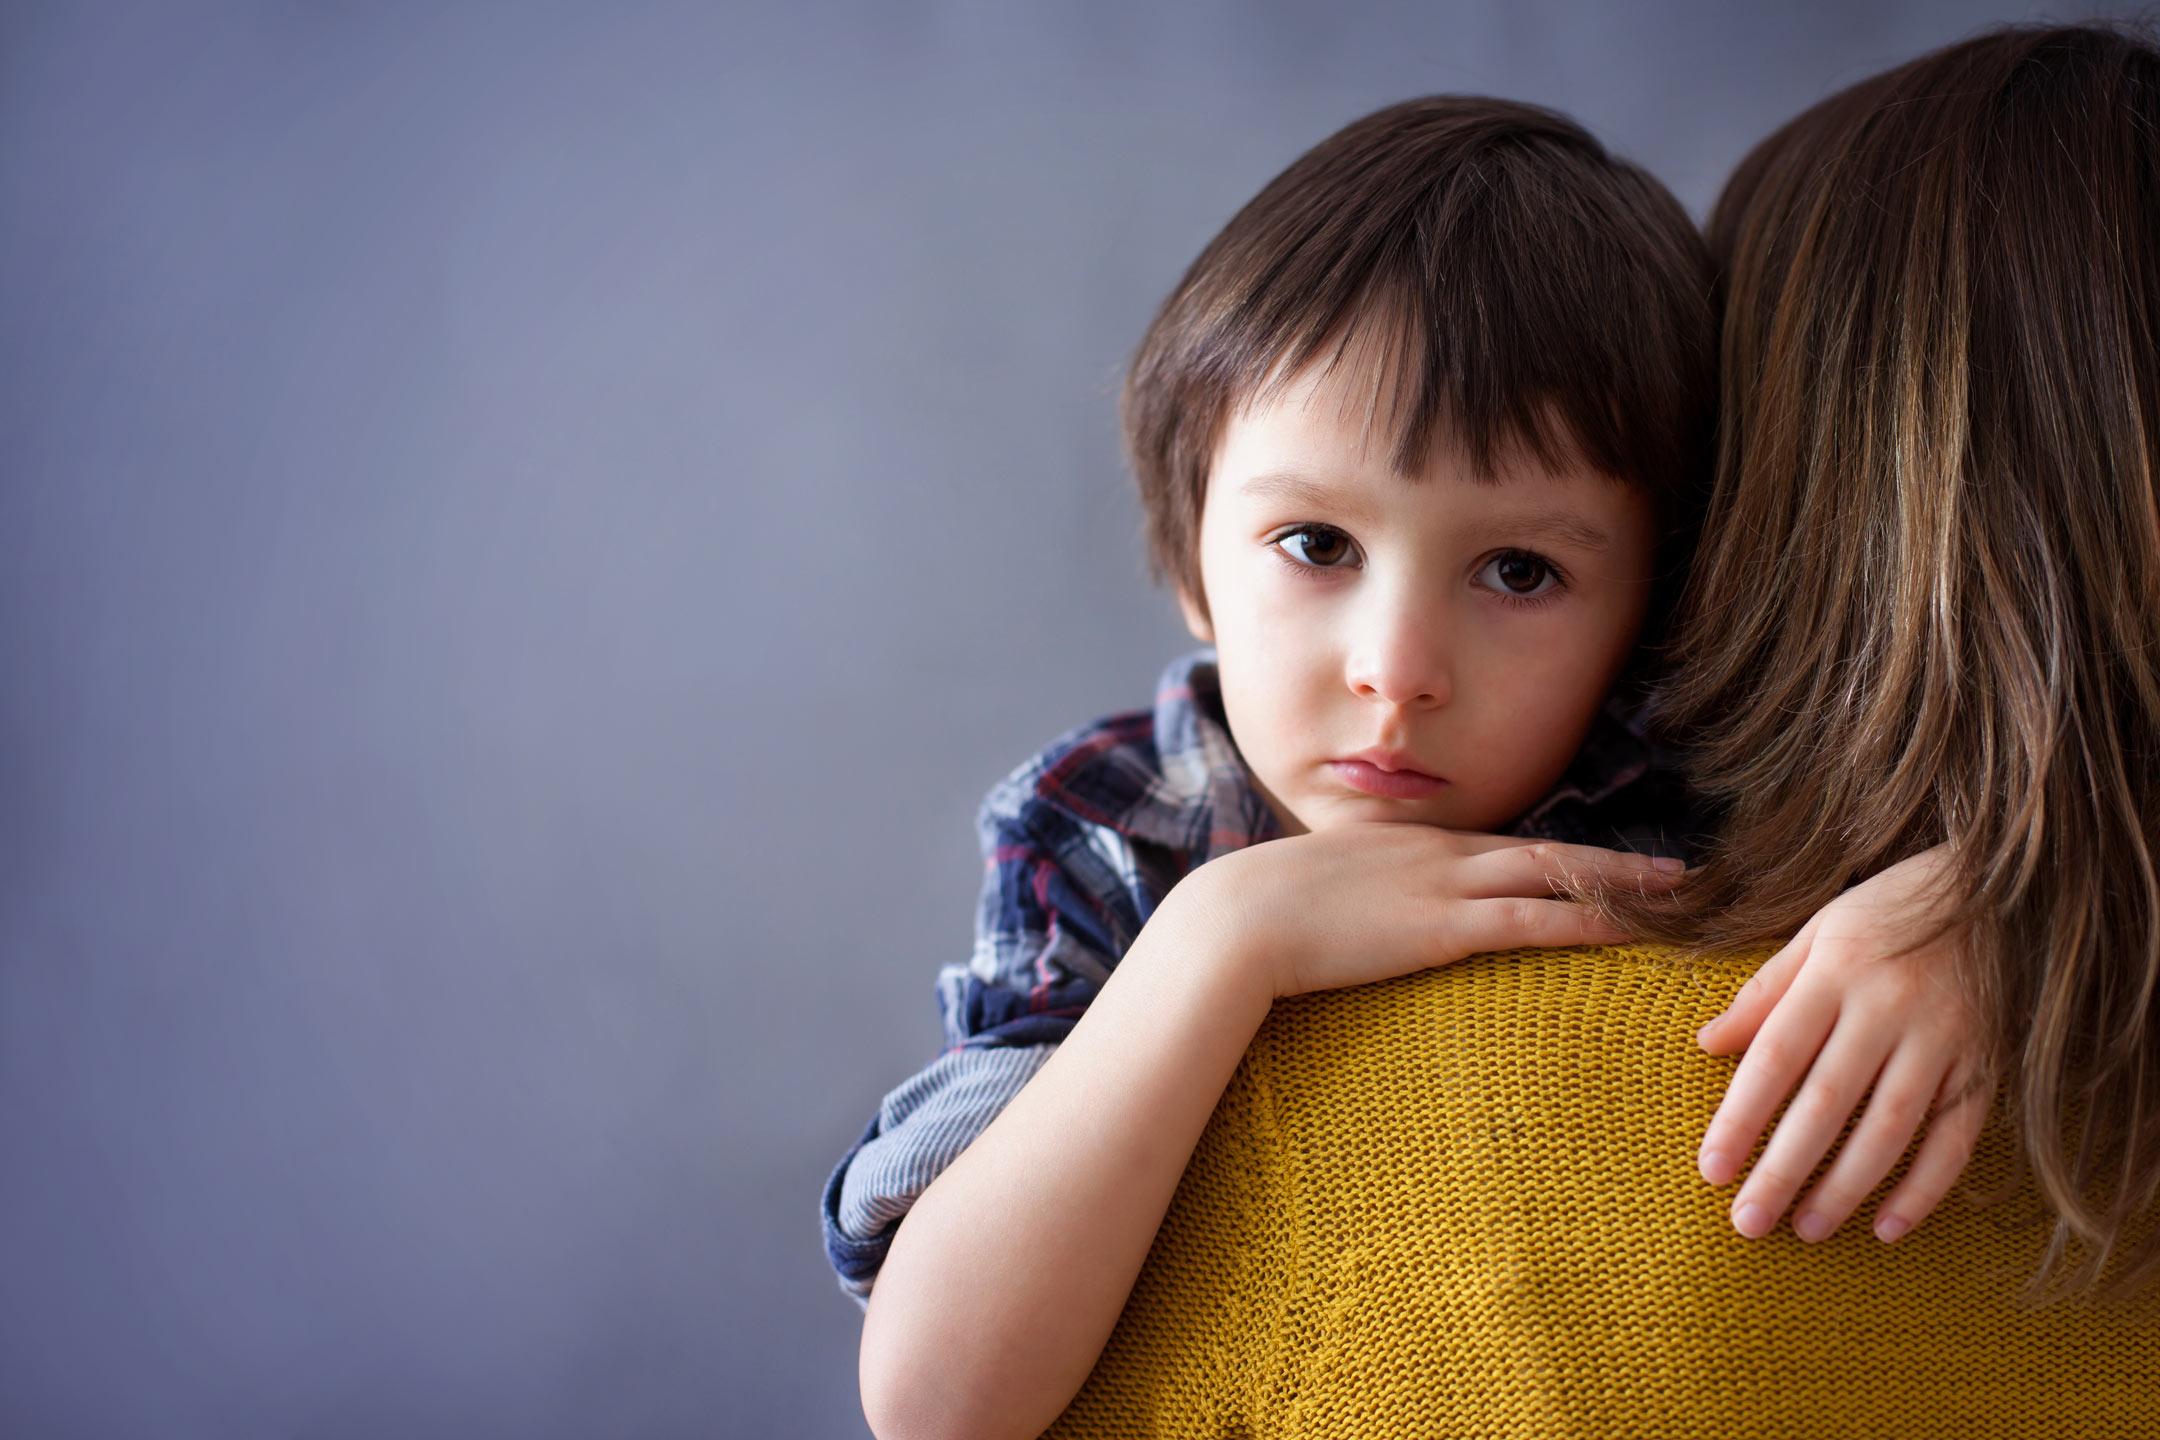 sad-little-boy-hugging-mother2160